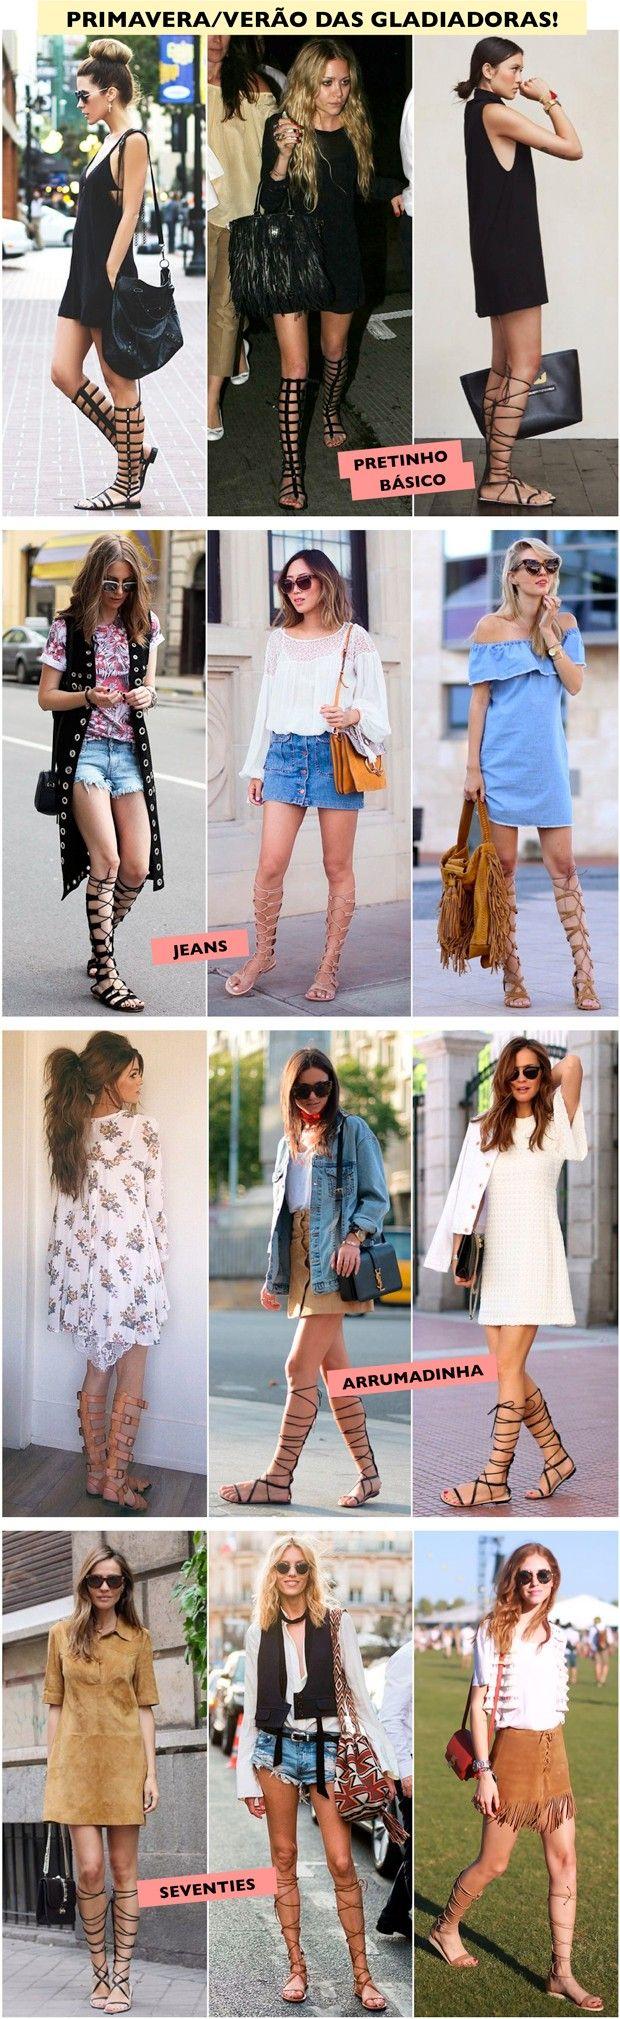 Atualizando o look com sandália gladiadora - Fashionismo